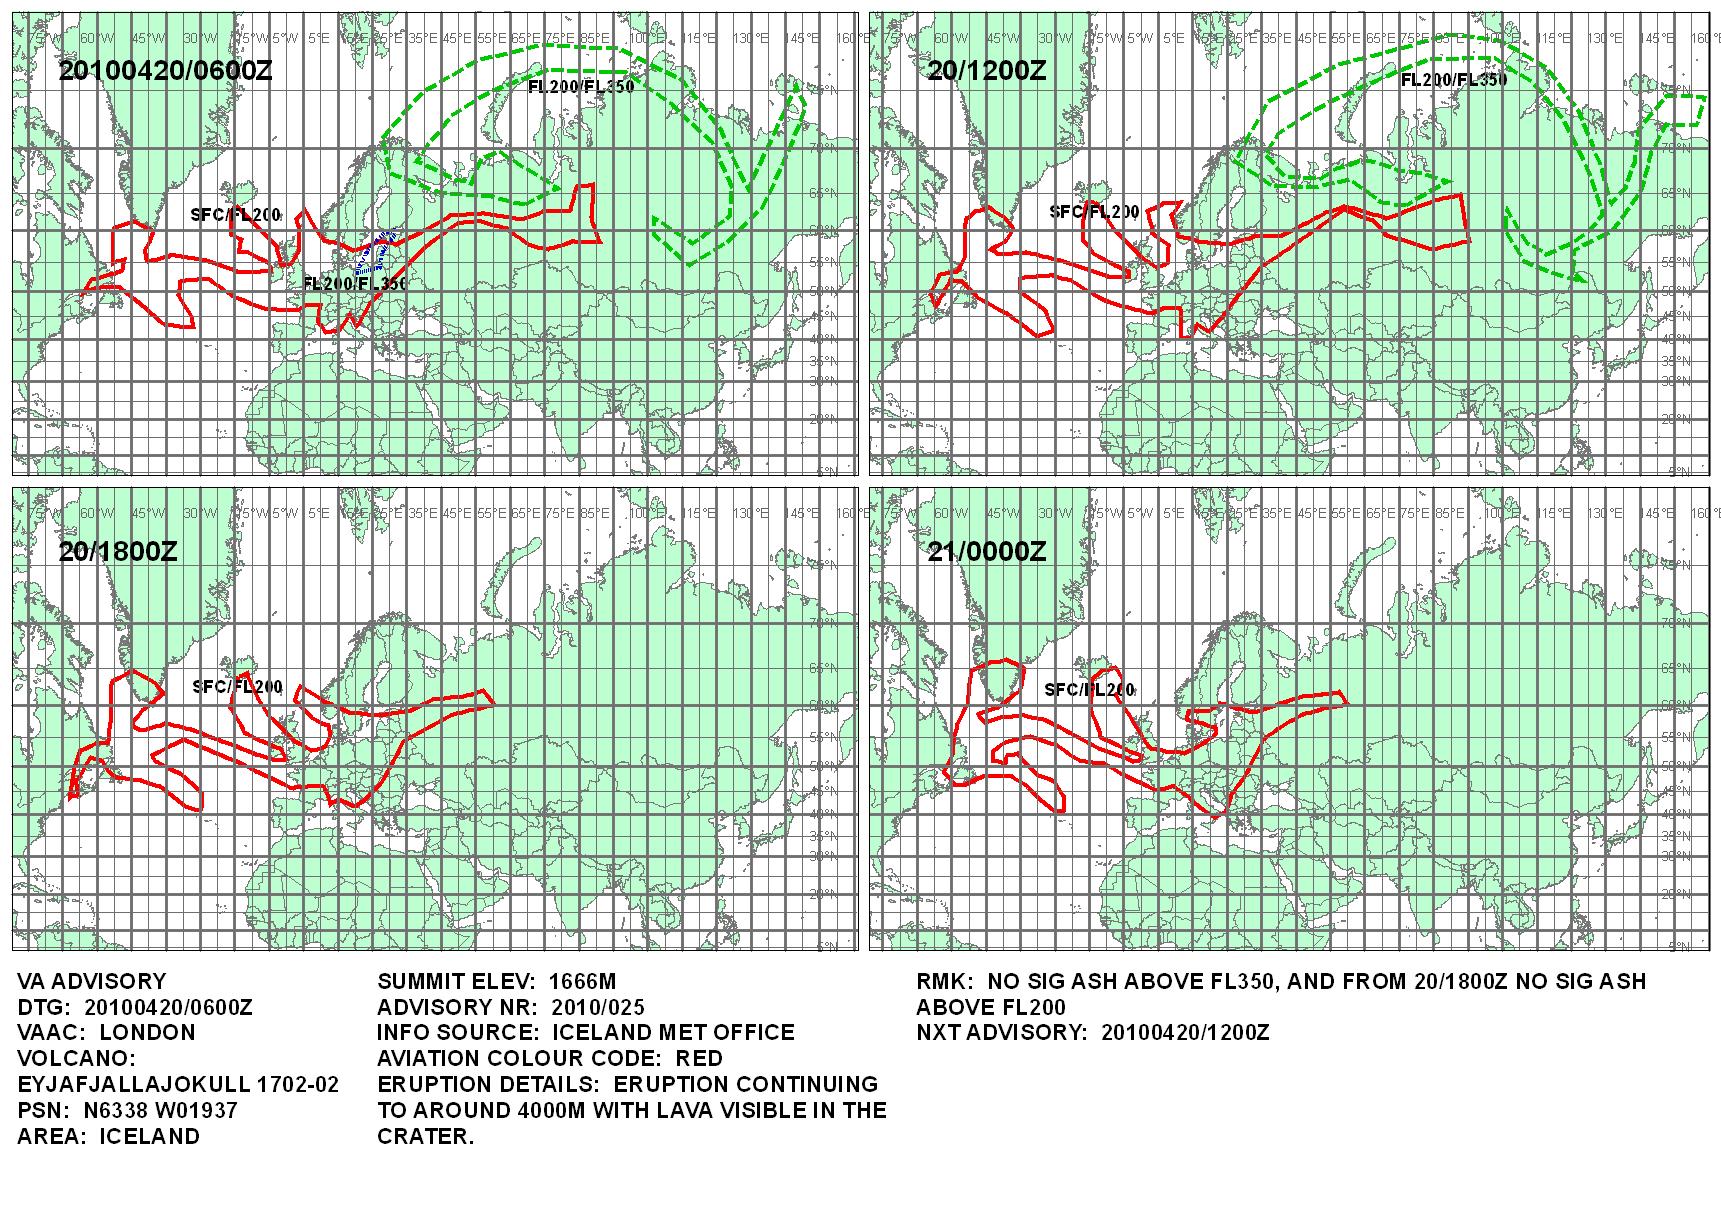 Carte de l'Office Météorologique Londonien sur l'évolution prévue du nuage de cendres volcaniques islandaises, carte établie le 20/04/2010 à 6h00Z (soit 08h00 heure locale Française), le dernier encart en bas à droite indique l'état prévu du nuage de cendres le 21/04/2010 à 0h00